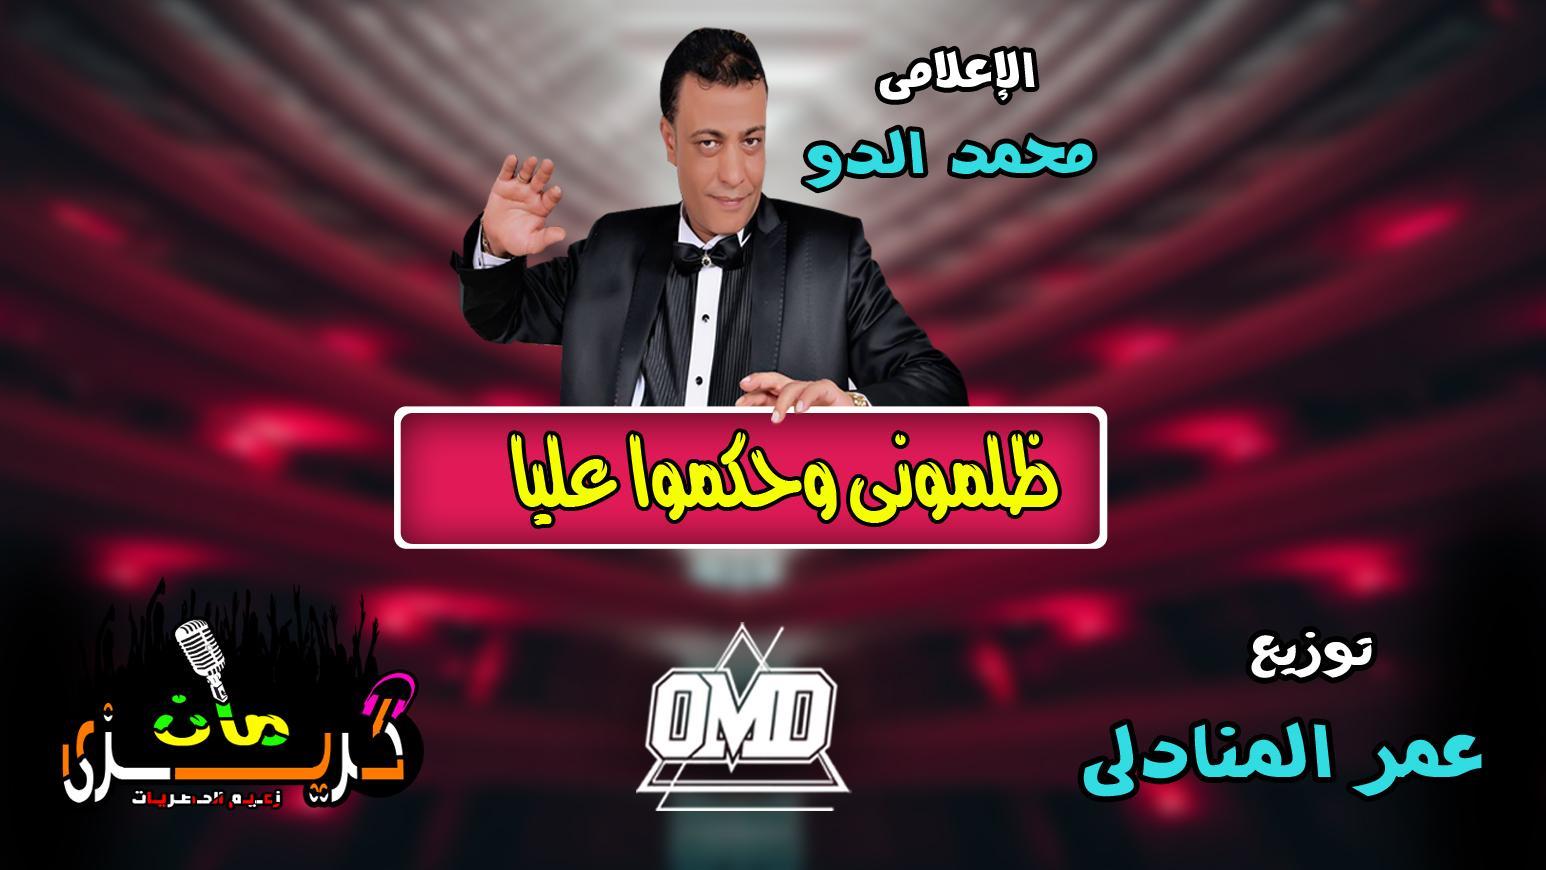 اغنية ظلمونى وحكموا عليا الدو بتوزيع درامز جديد 2019 هيكسر